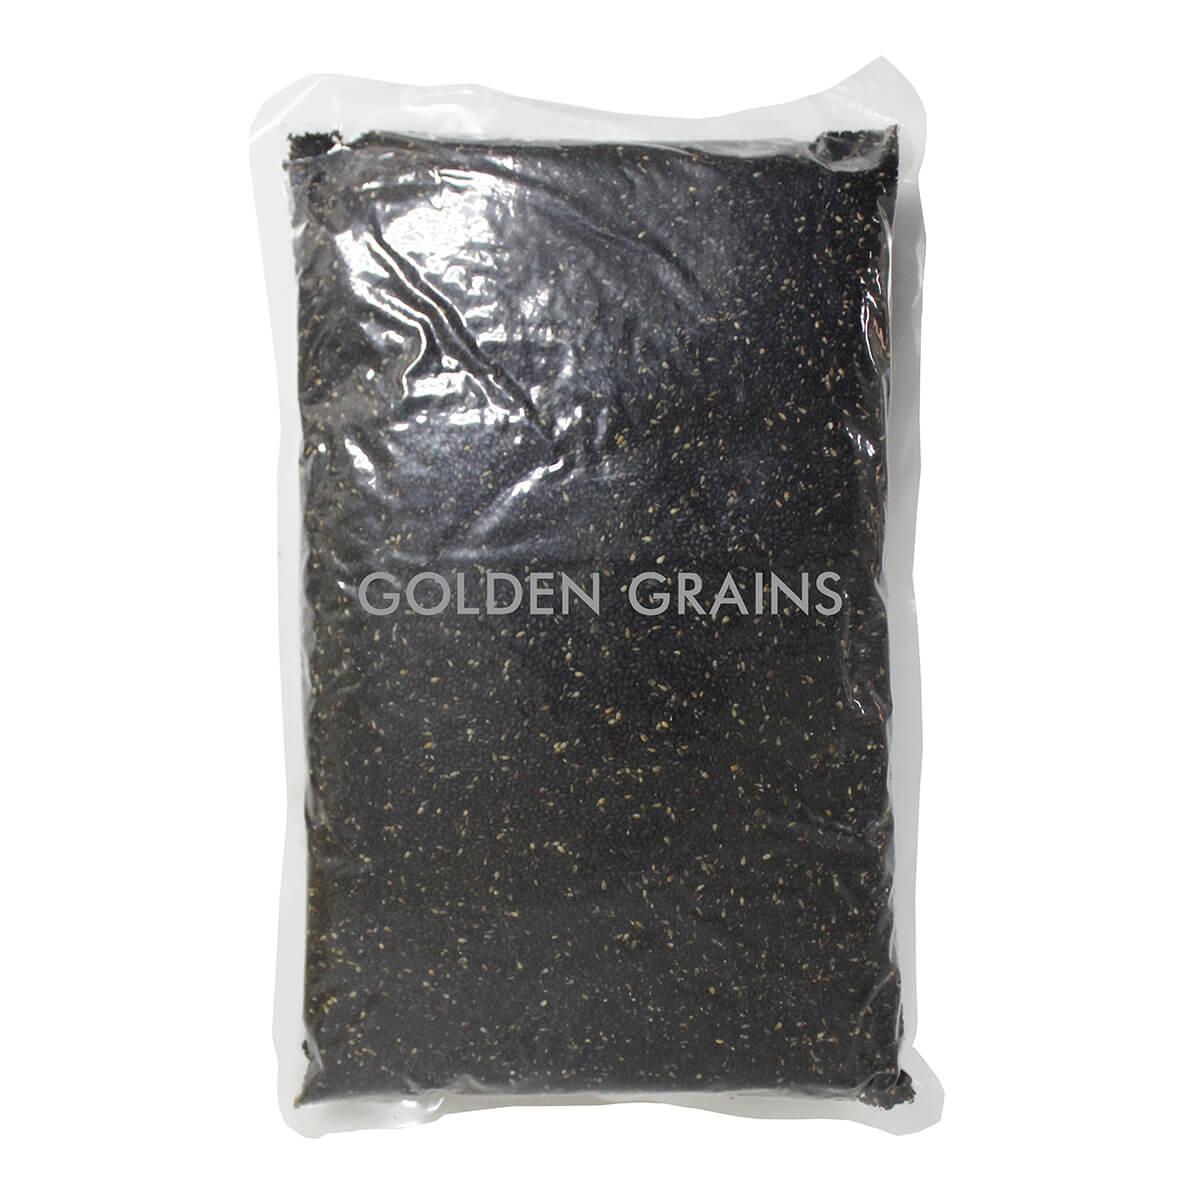 Golden Grains Dubai Export - Roasted Sesame Black - Back.jpg